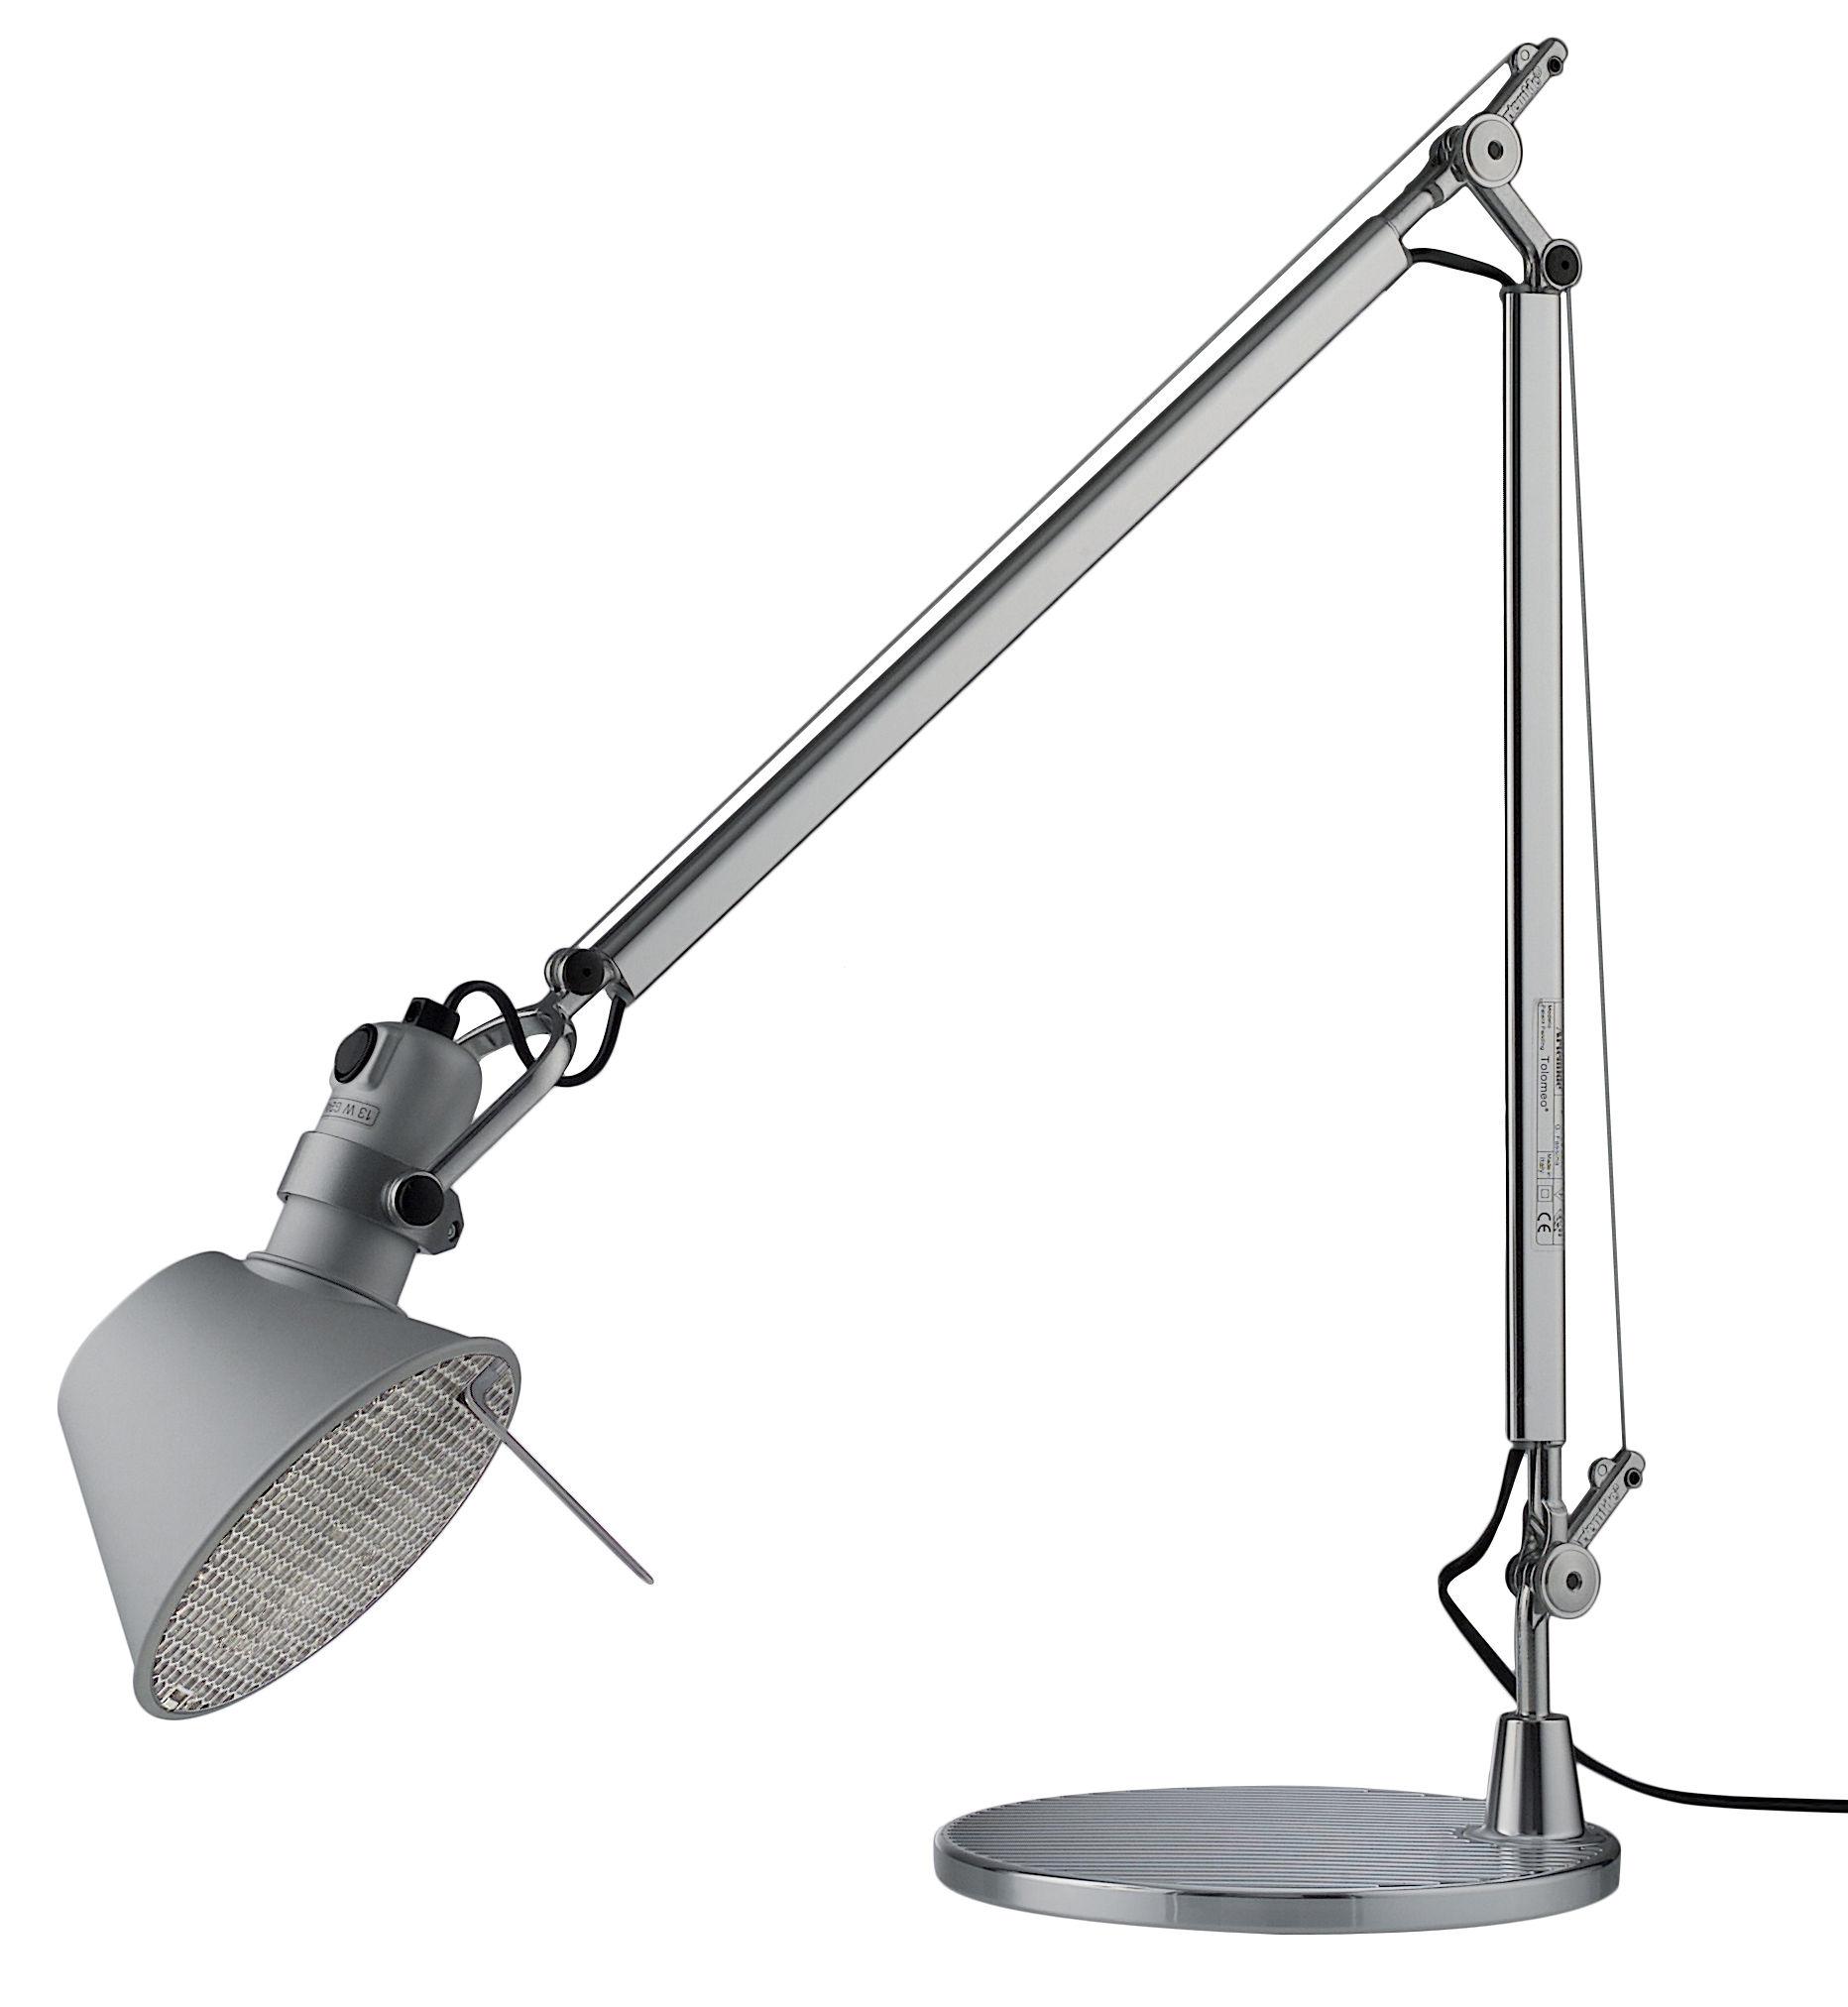 lampe de table tolomeo fluo aluminium fluorescente artemide. Black Bedroom Furniture Sets. Home Design Ideas